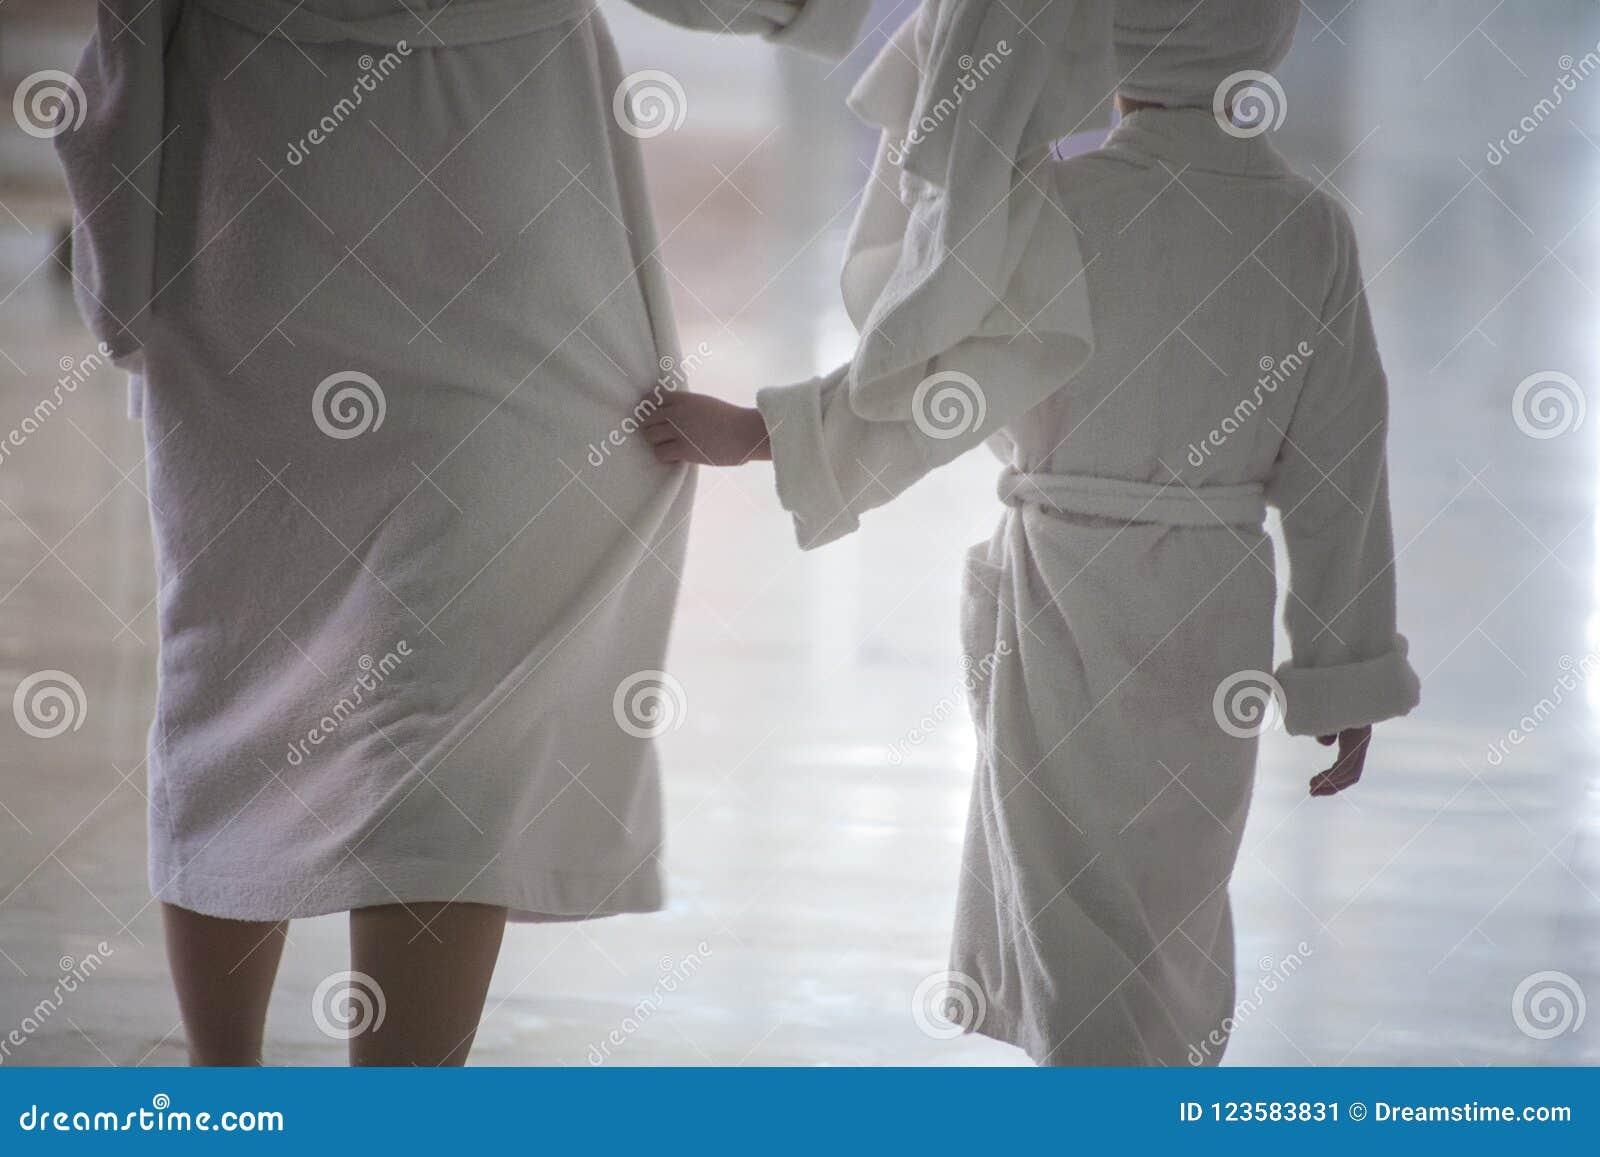 Женщина и ребенок идут в белые купальные халаты